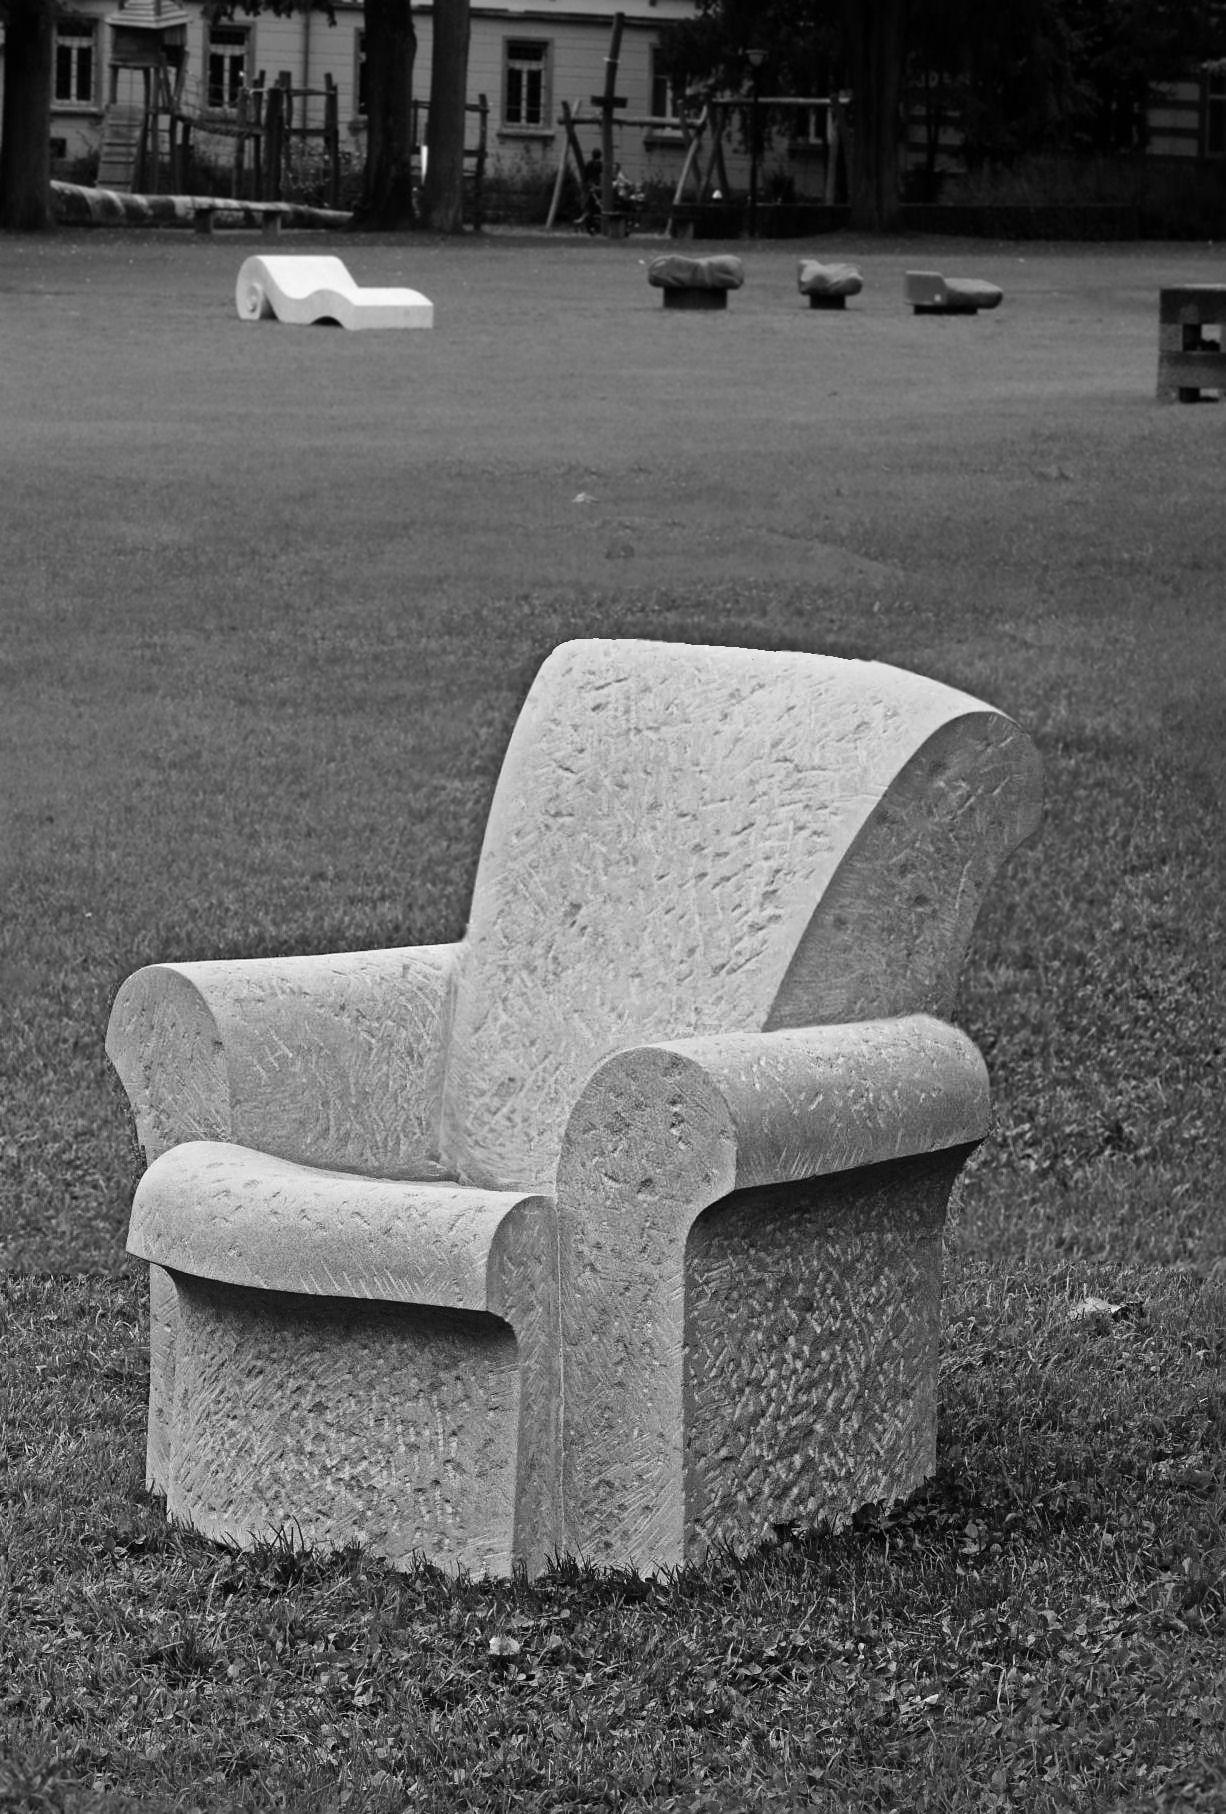 Sedia di pietra arenaria, in collaborazione con Melanie Kuster di Schmerikon   -  Bildhauerei Wiedemer Basadingen